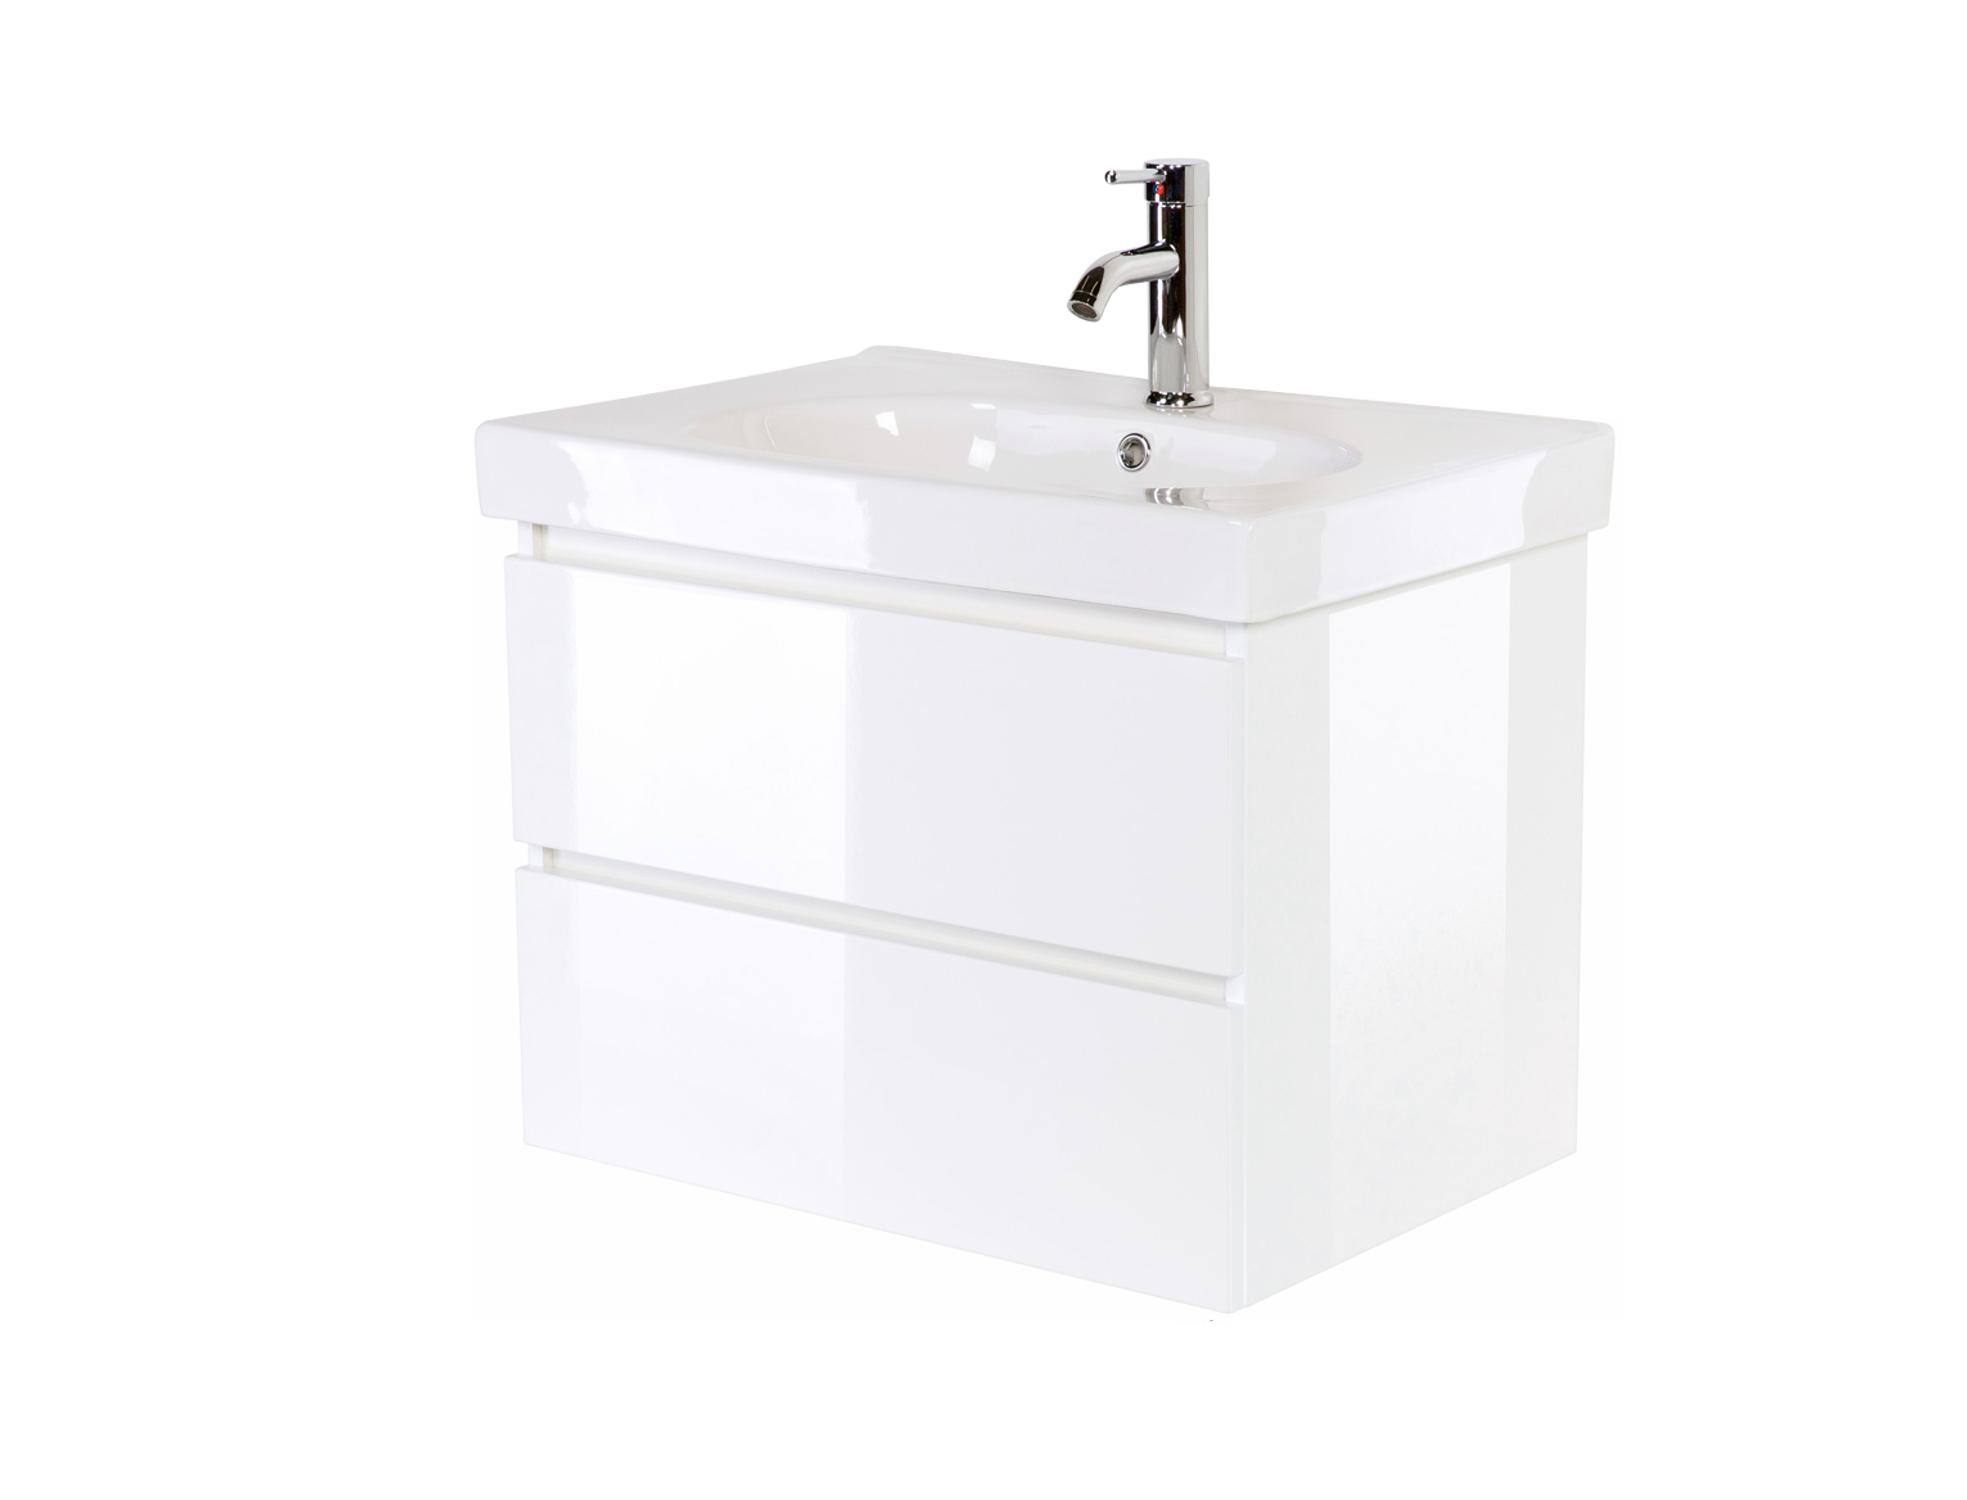 Waschbecken 55 cm aus weißer Keramik mit Waschtischunterschrank